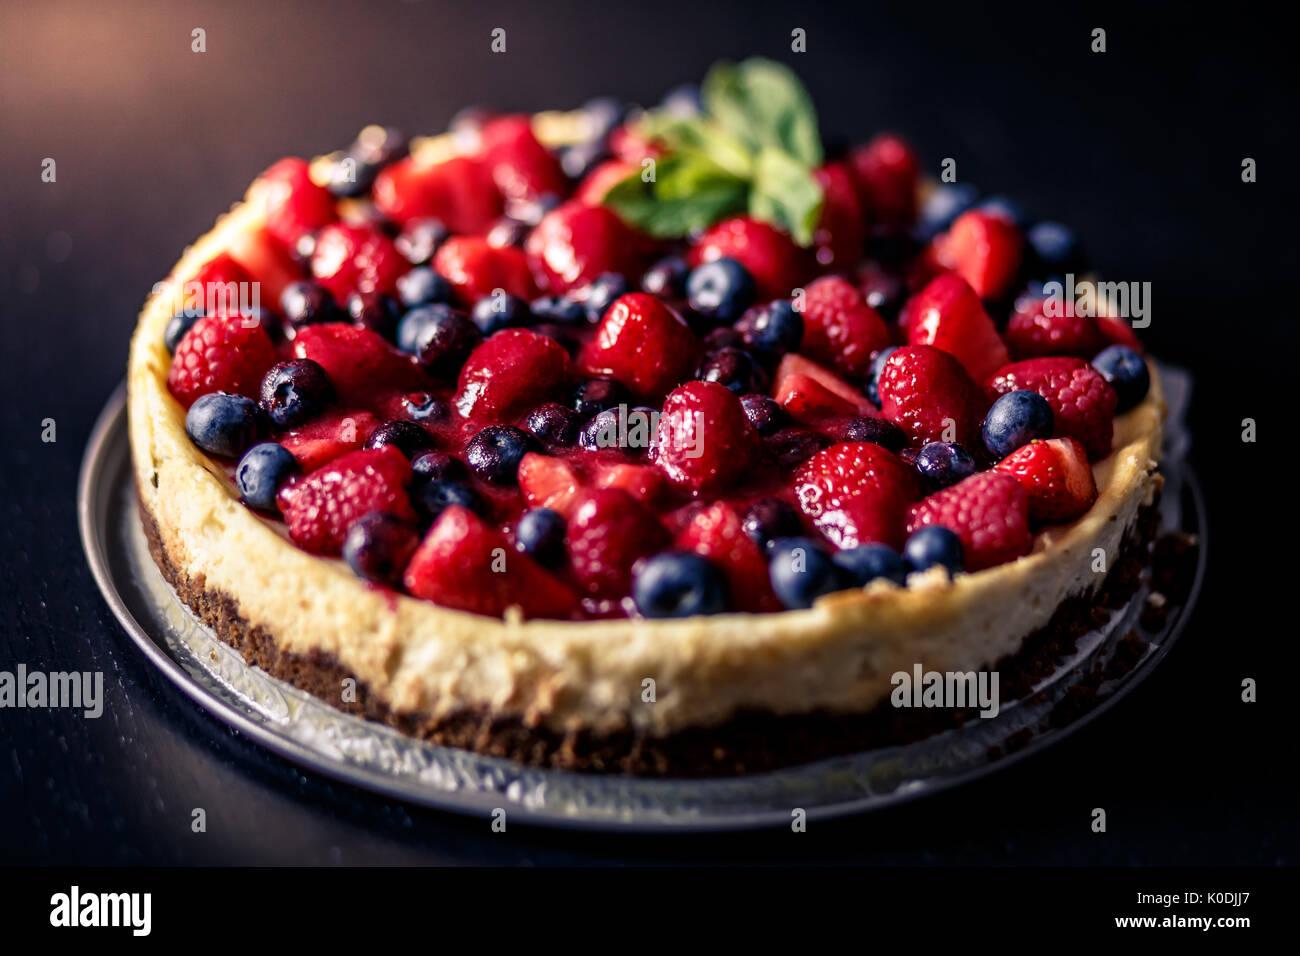 Frutti rossi cheesecake Immagini Stock